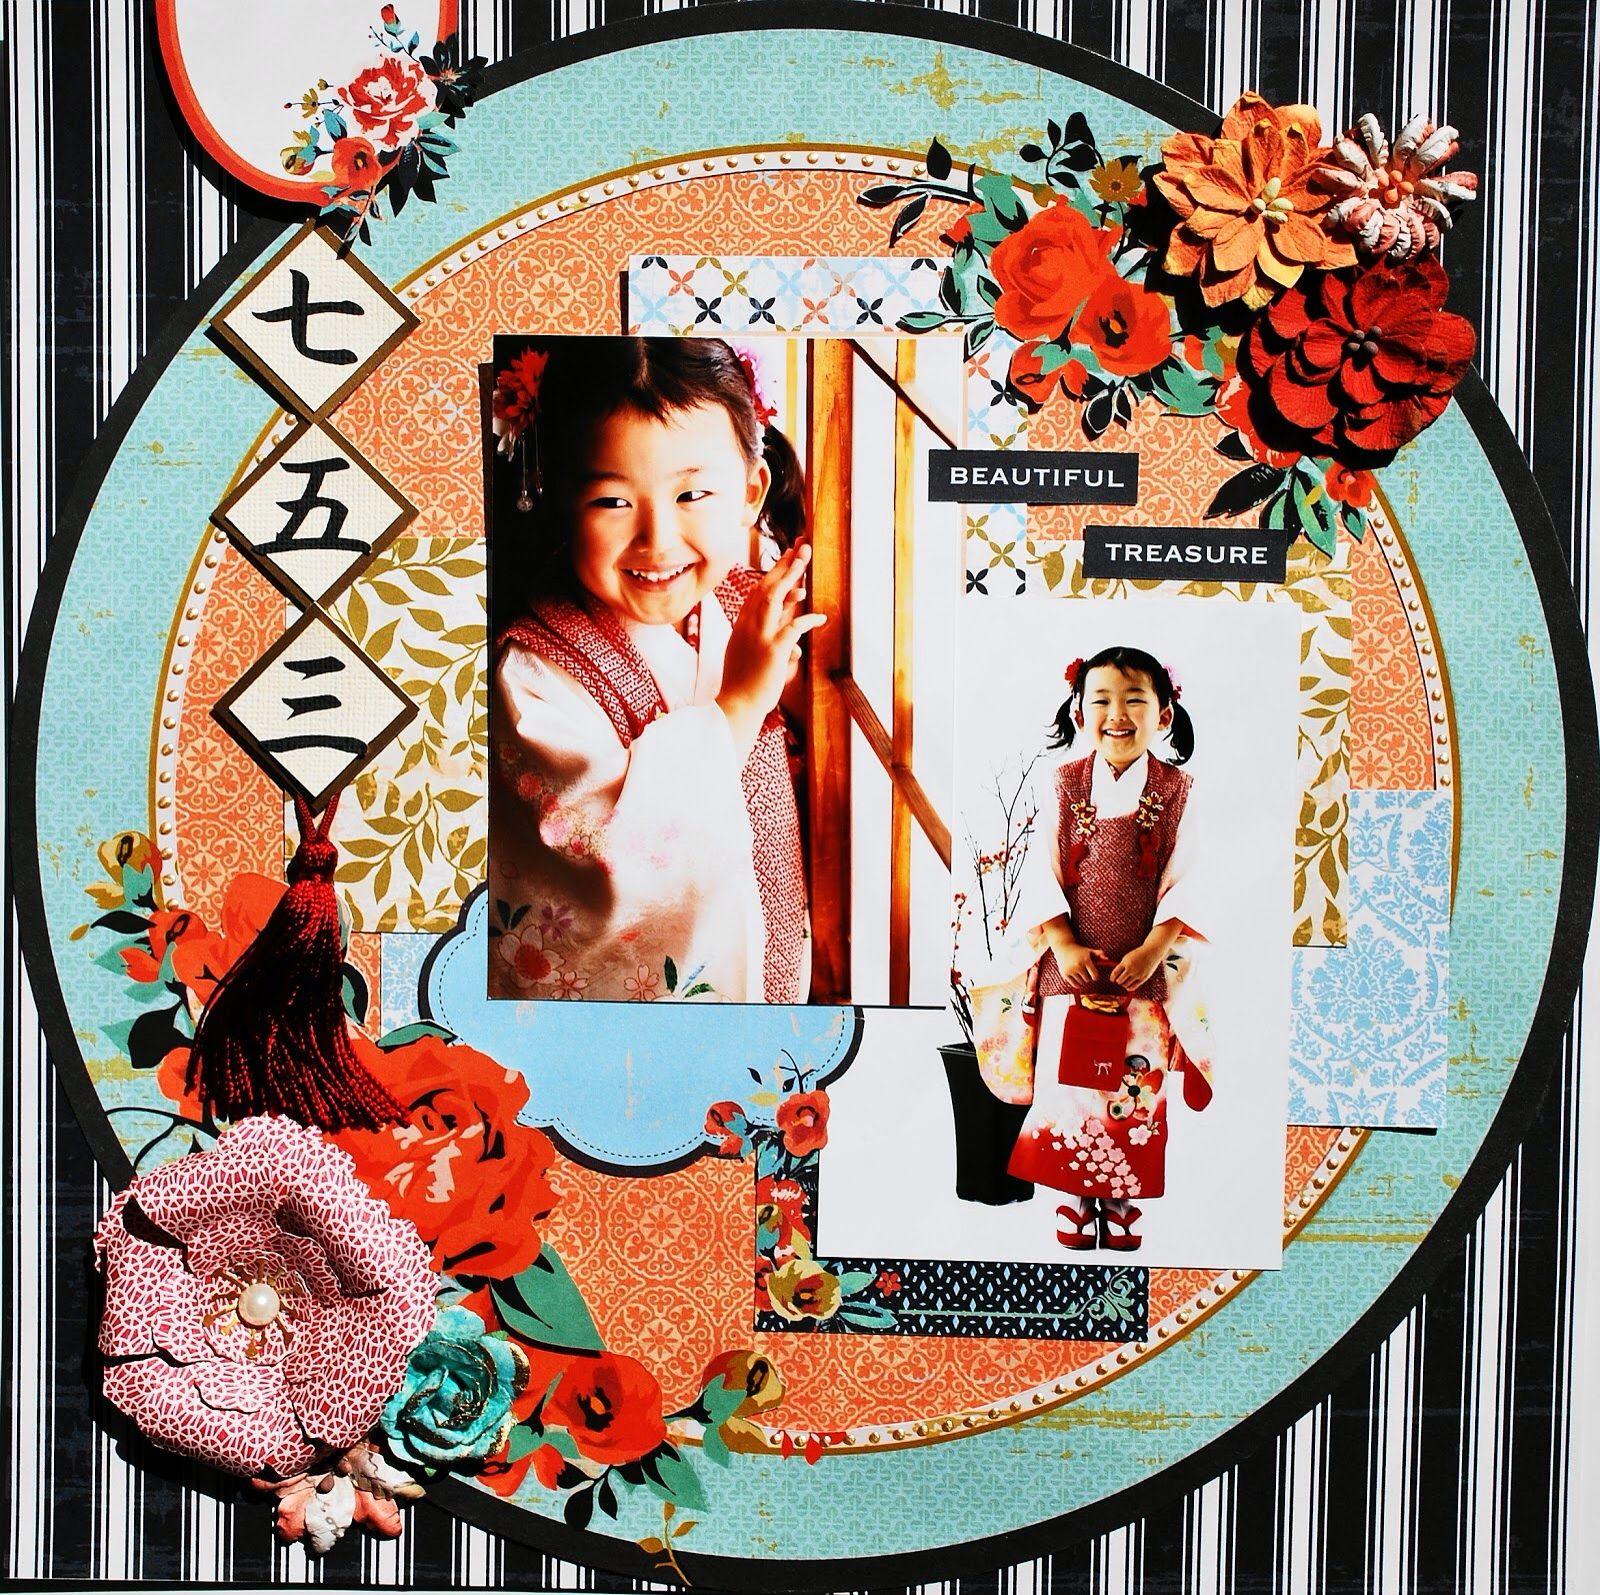 七五三 girl's ceremony -